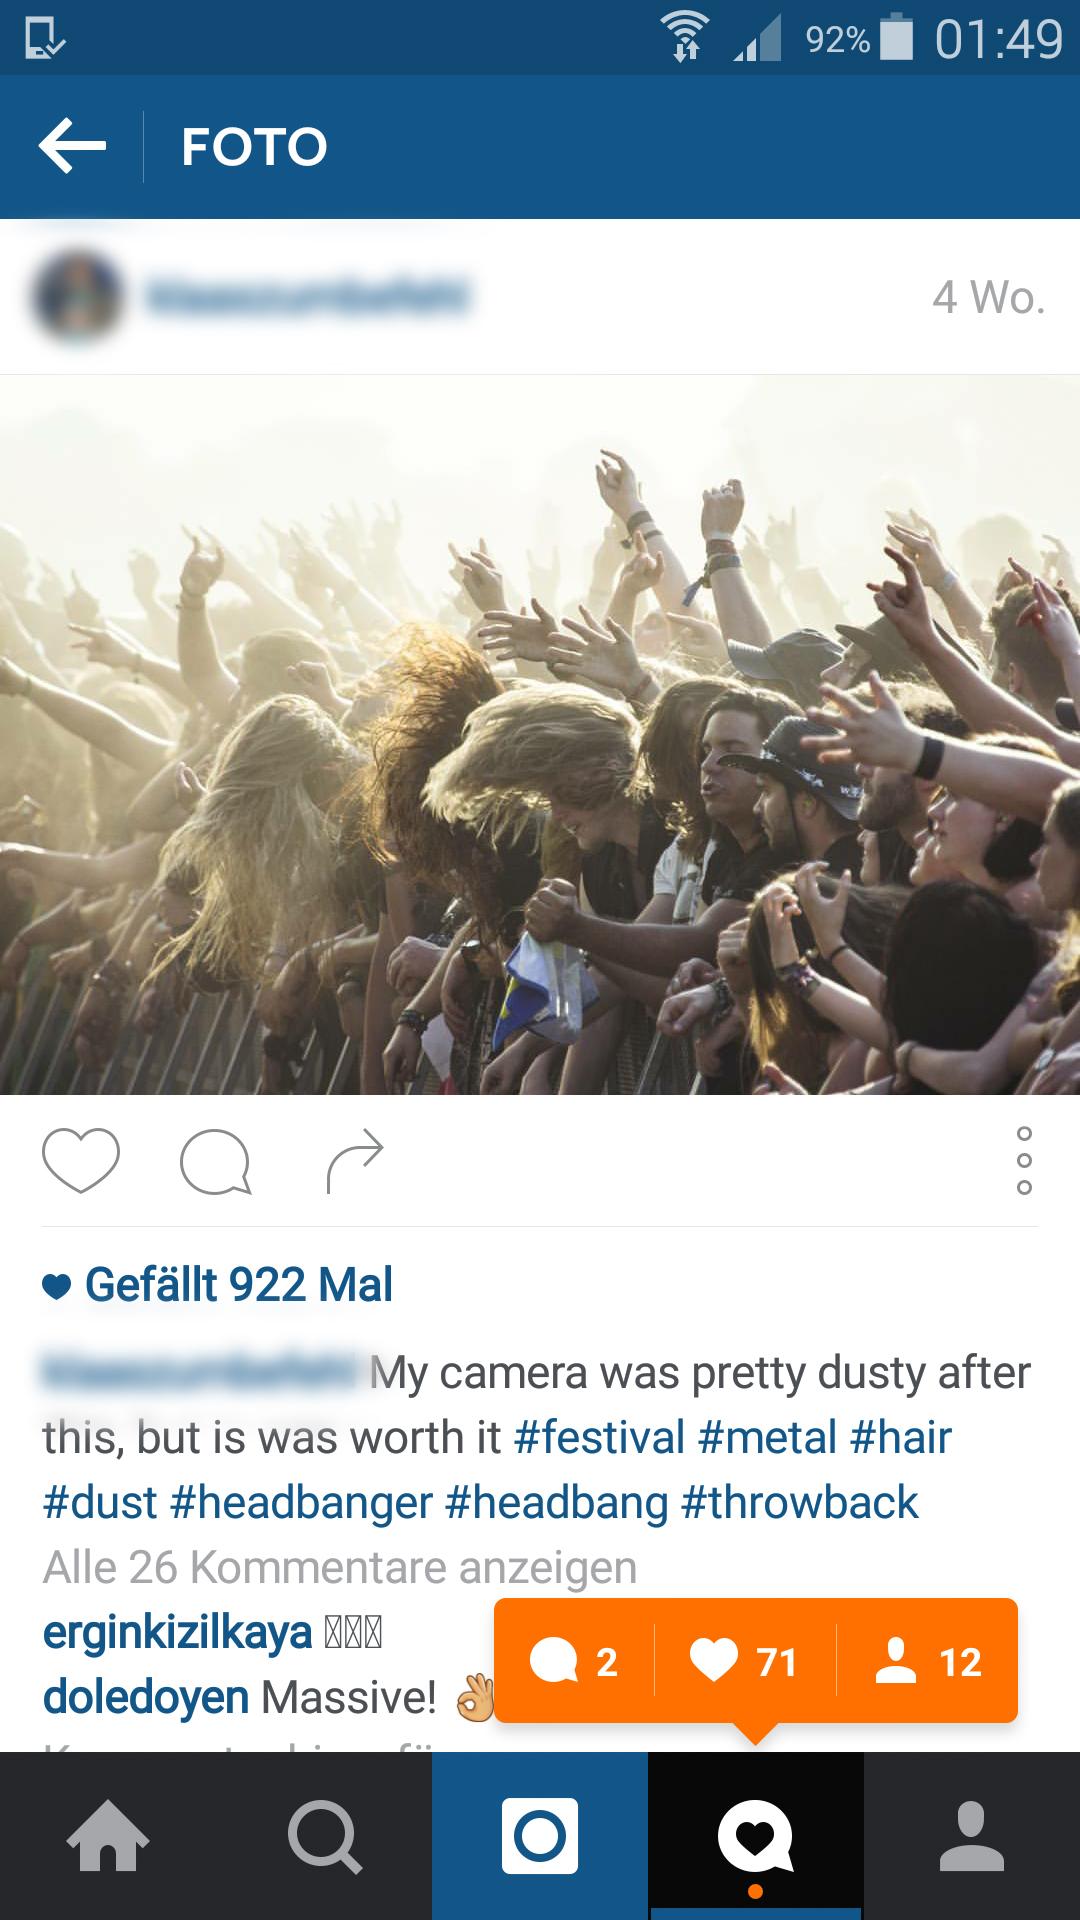 Warum werden Instagram Likes/Follower/Kommentare nicht